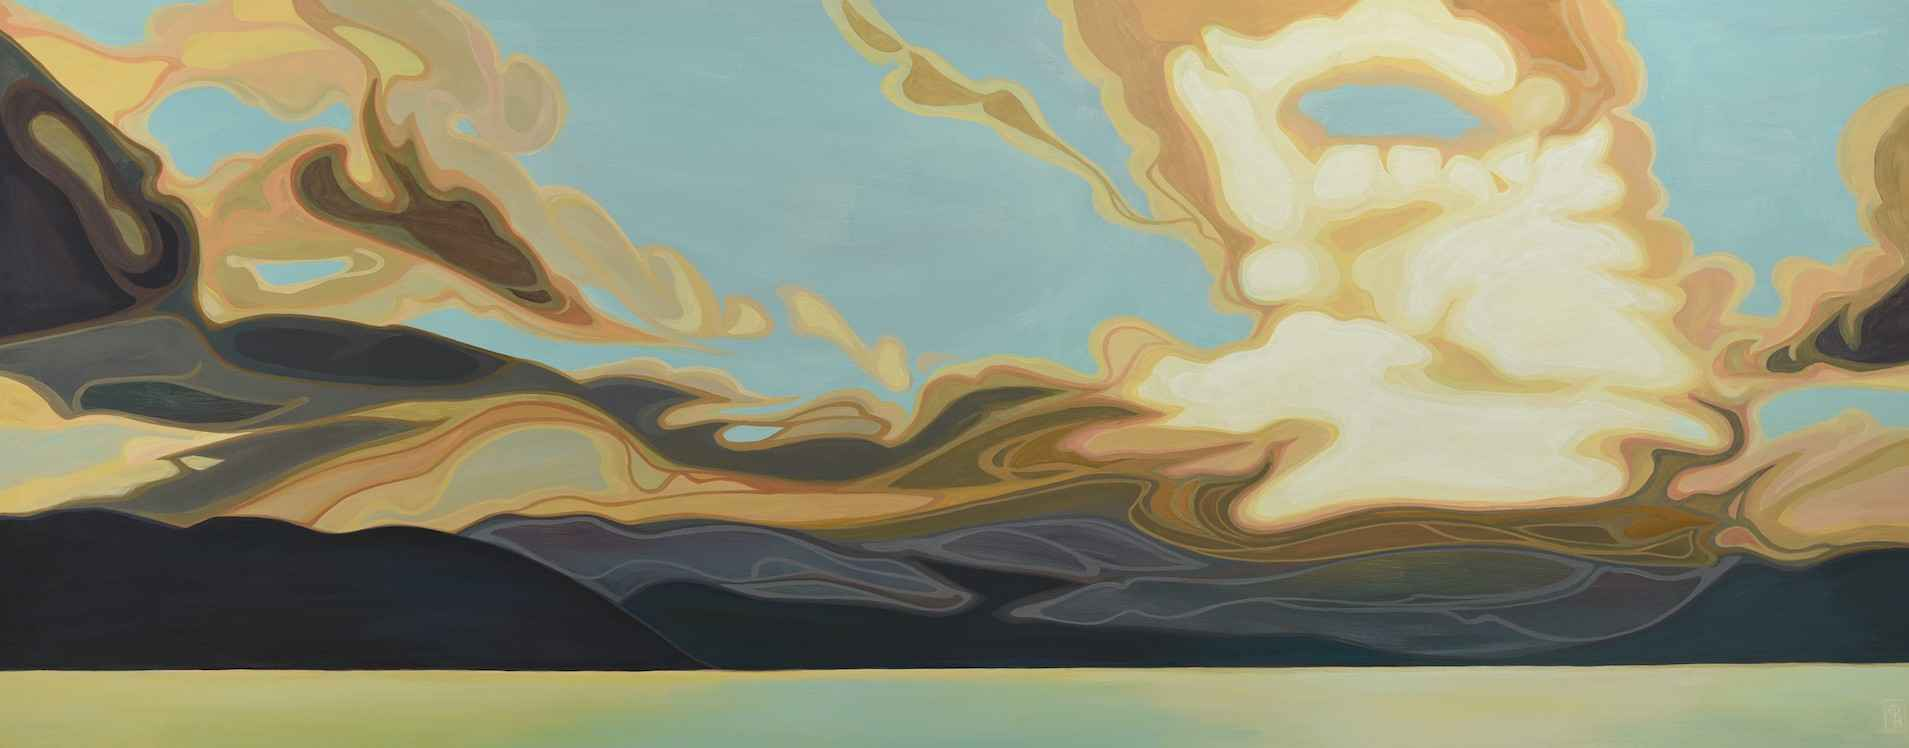 Hope Springs Eternal by  Erica Hawkes - Masterpiece Online